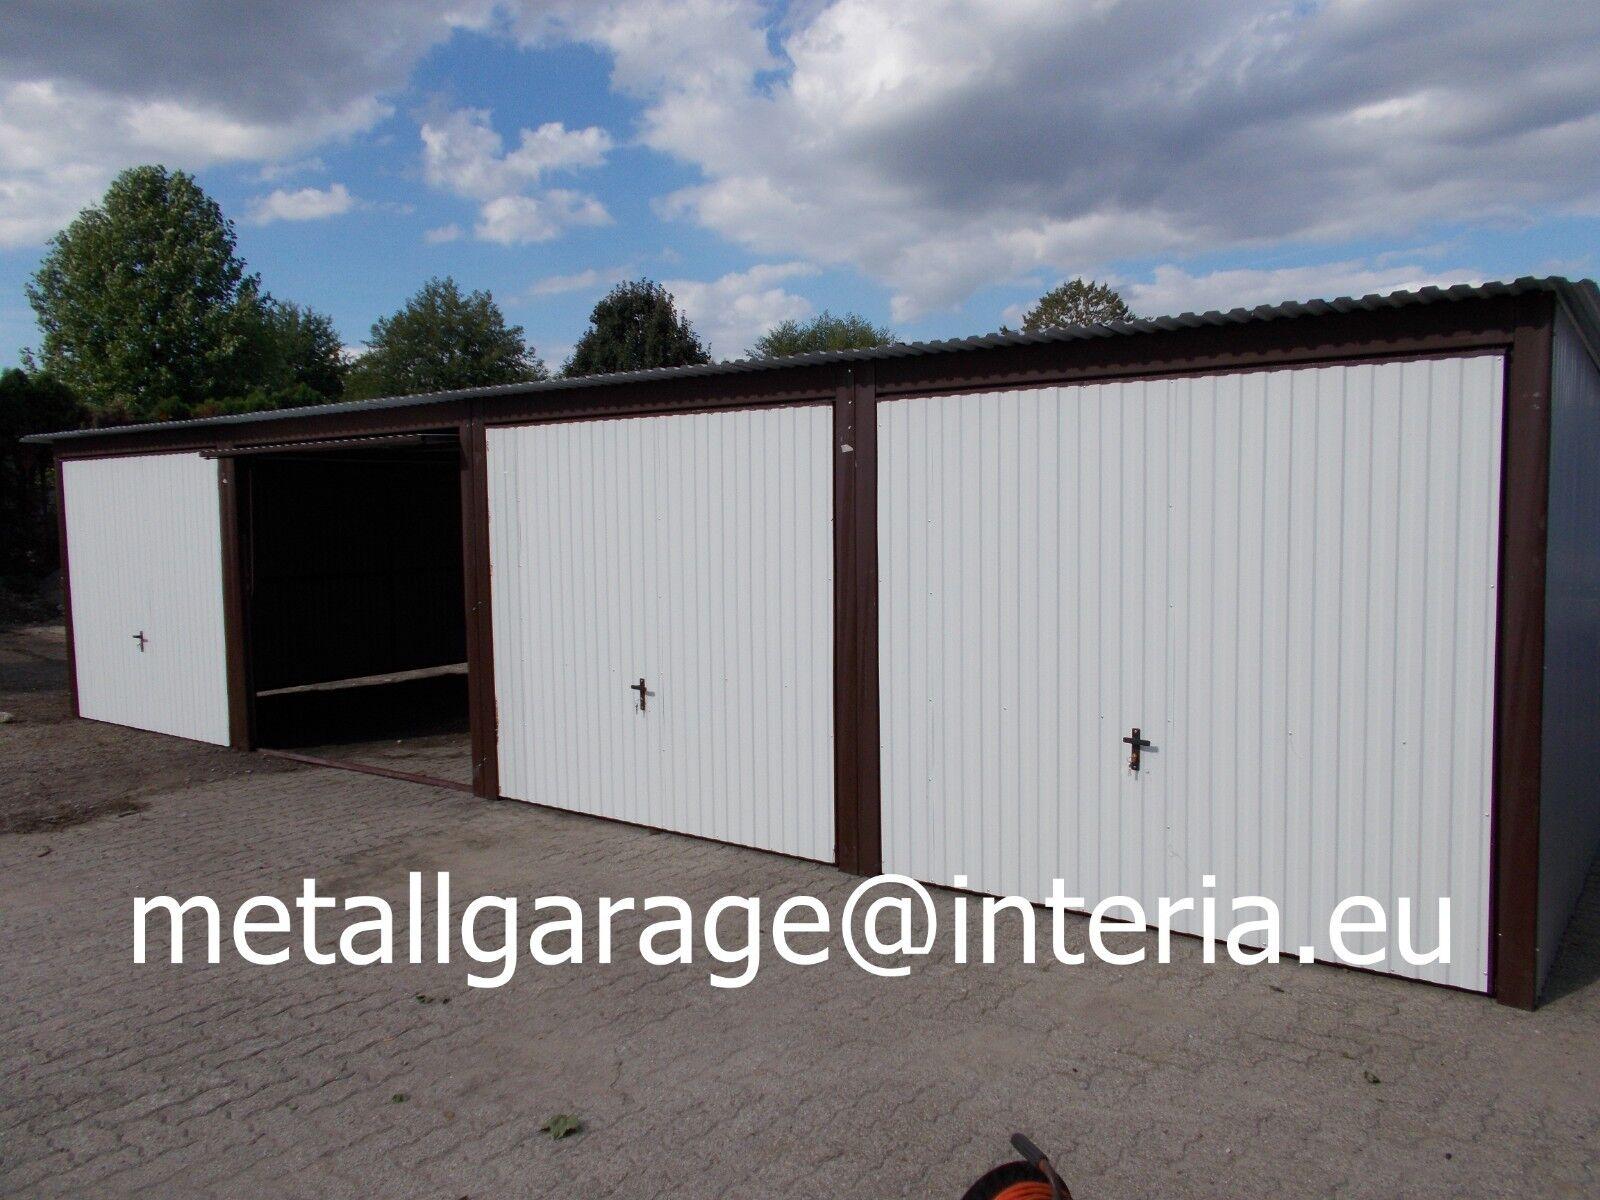 12x5  R9010 Blechgarage Fertiggarage Metallgarage LAGERRAUM GERÄTESCHUPPEN